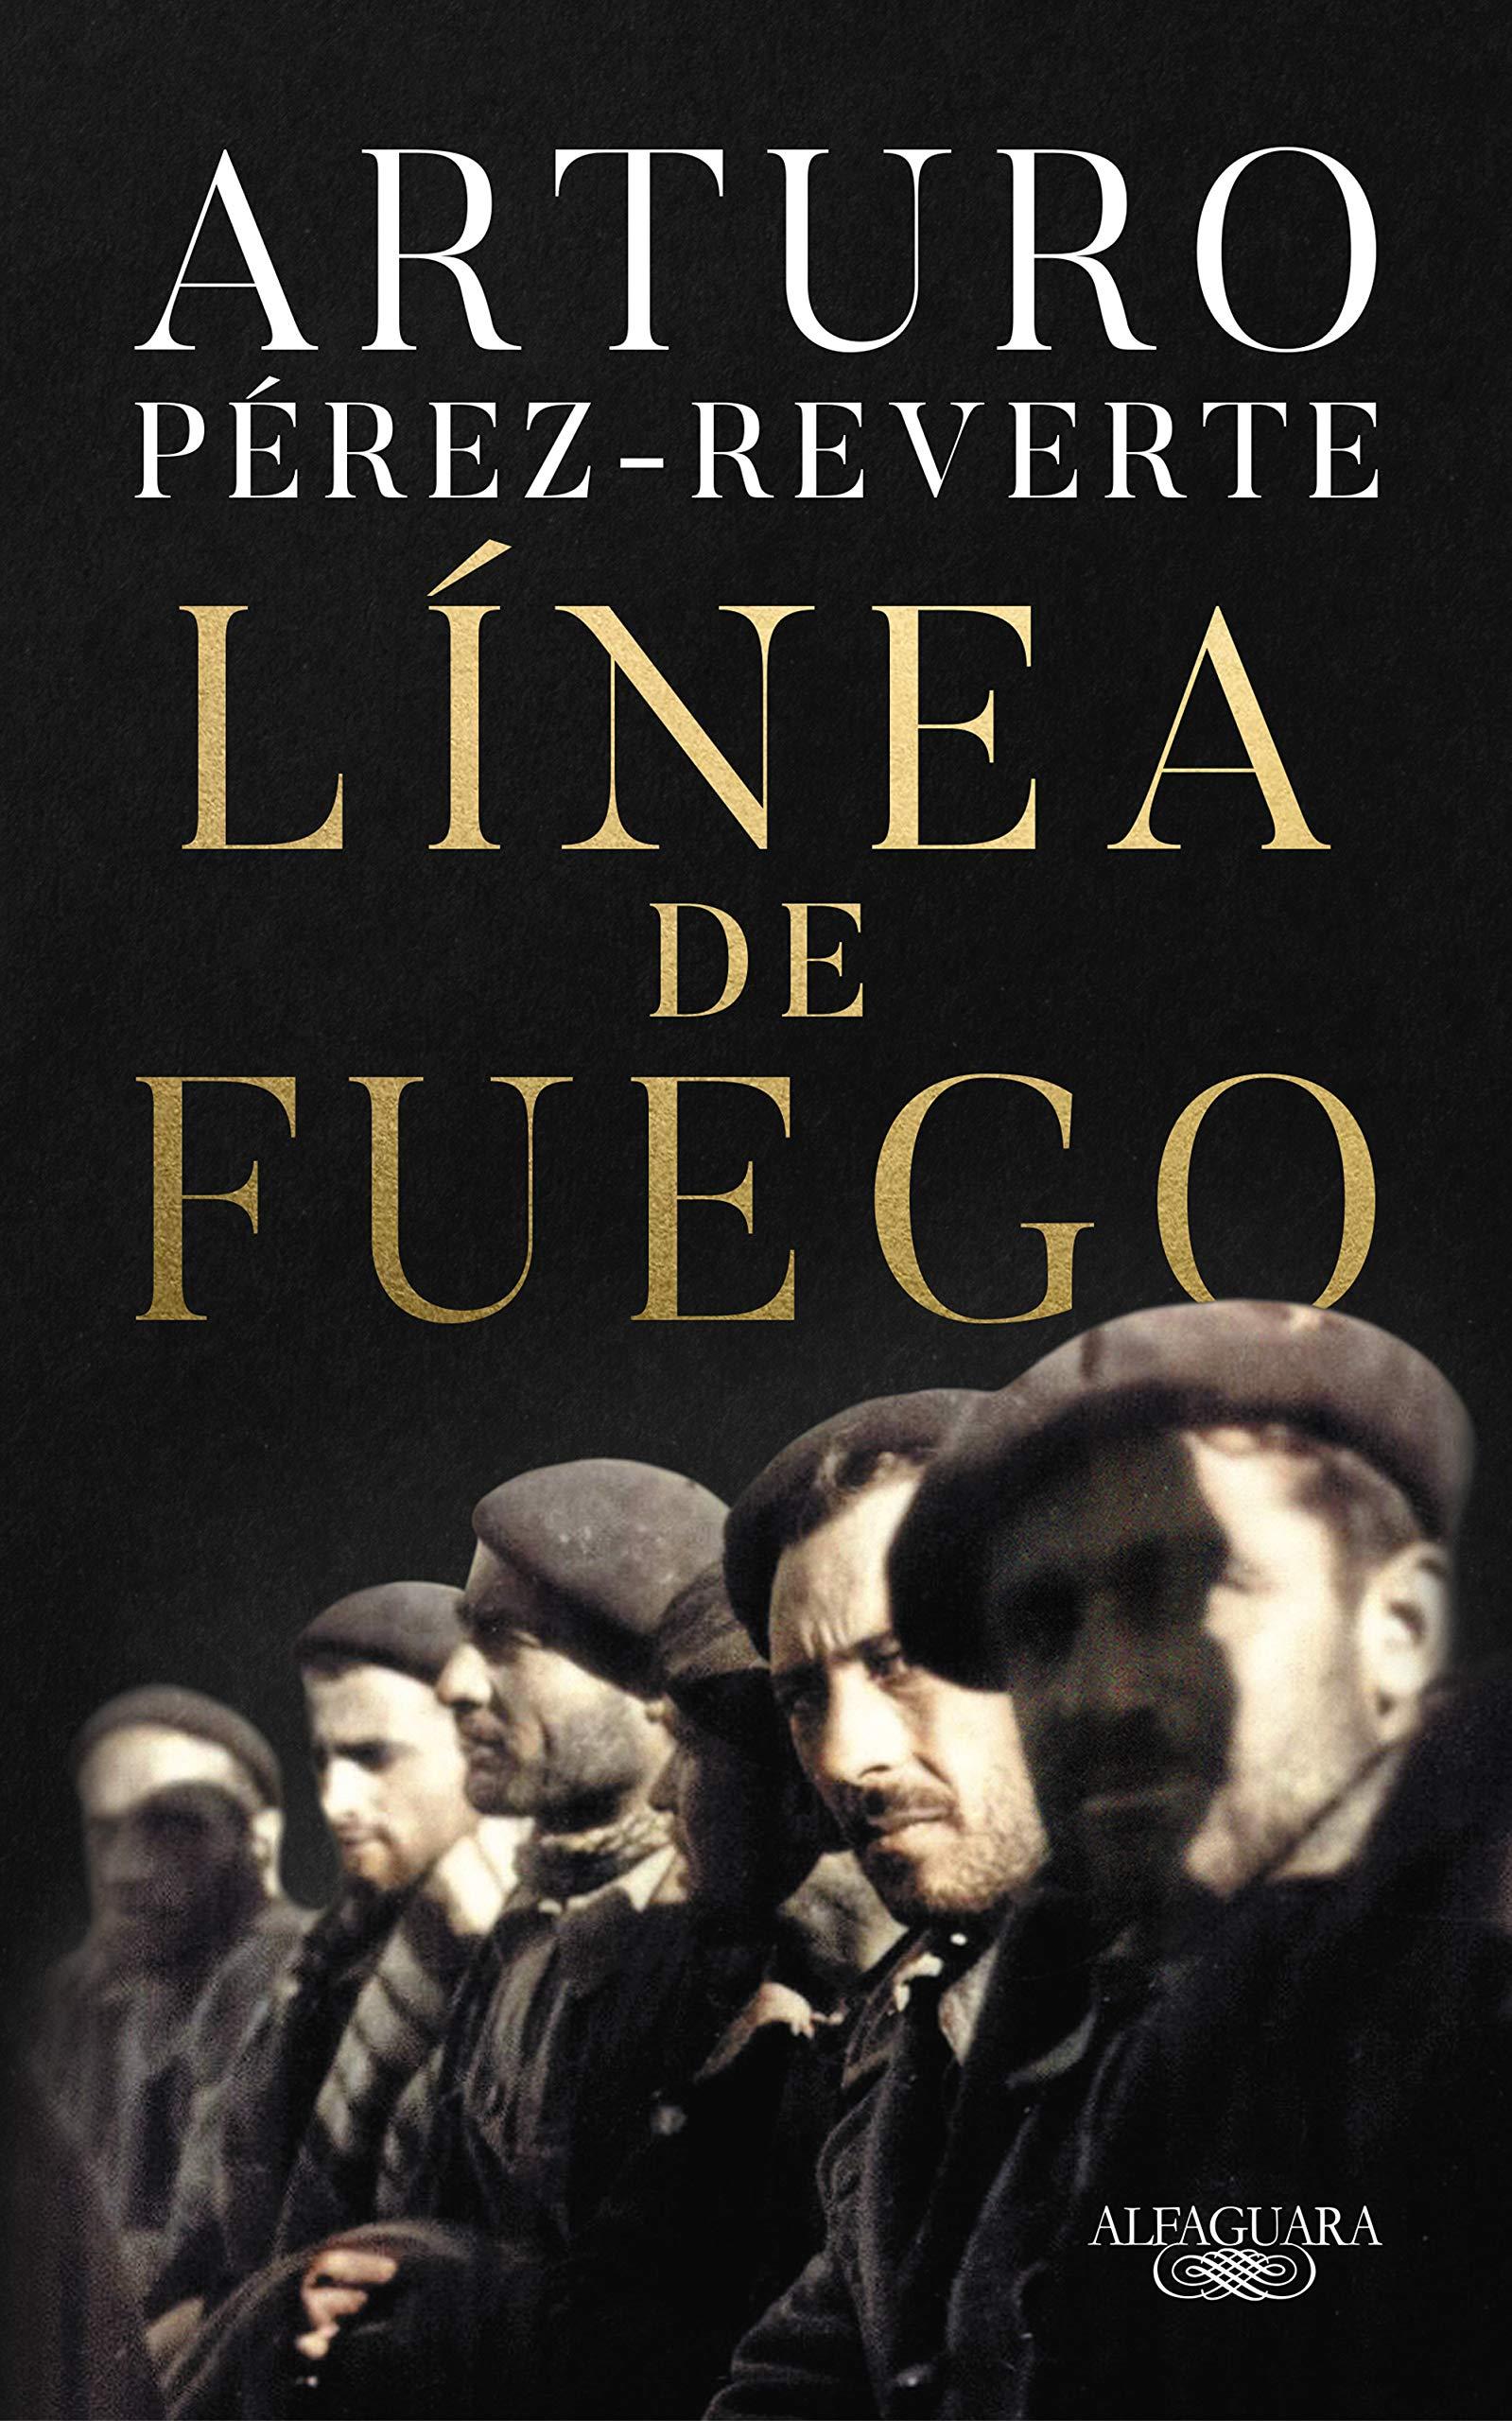 os 5 Mejores Libros Y Más Vendidos Del Corte Inglés  -Línea De Fuego - Arturo Pérez Reverte